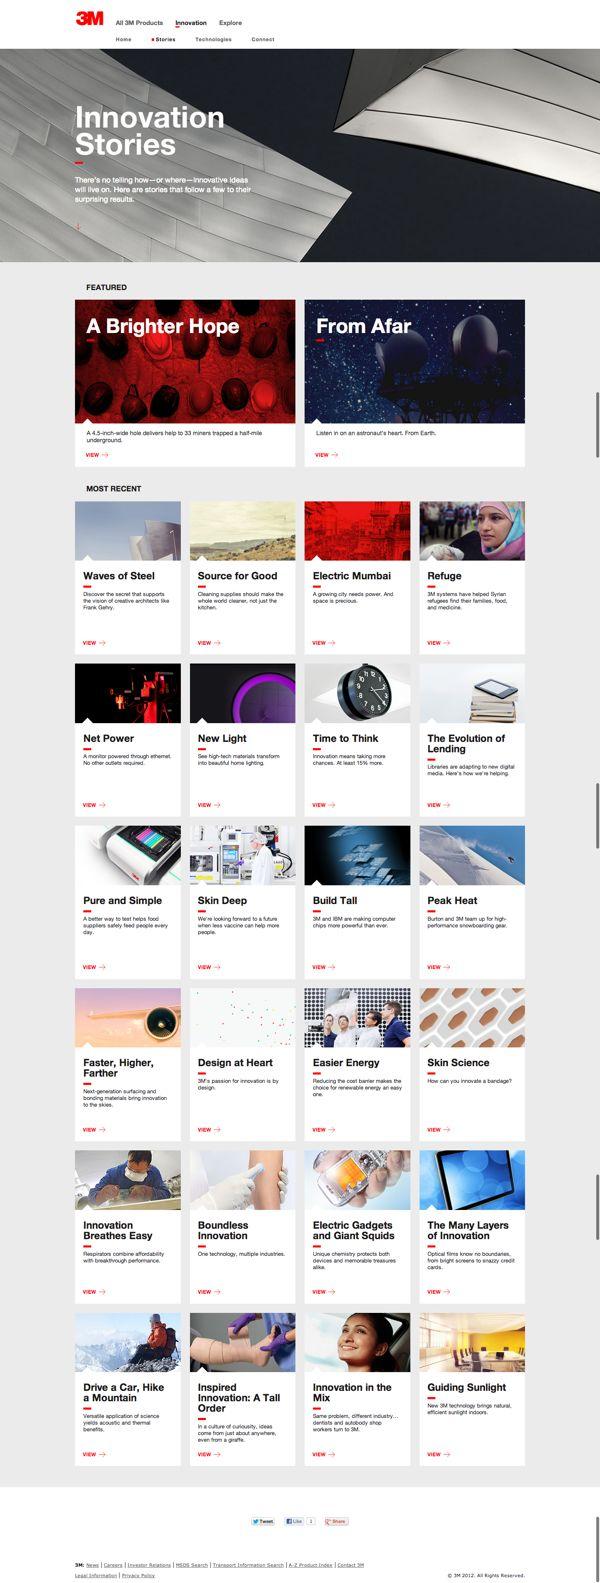 3M Innovation Website #webdesign #design #designer #inspiration #user #interface #ui